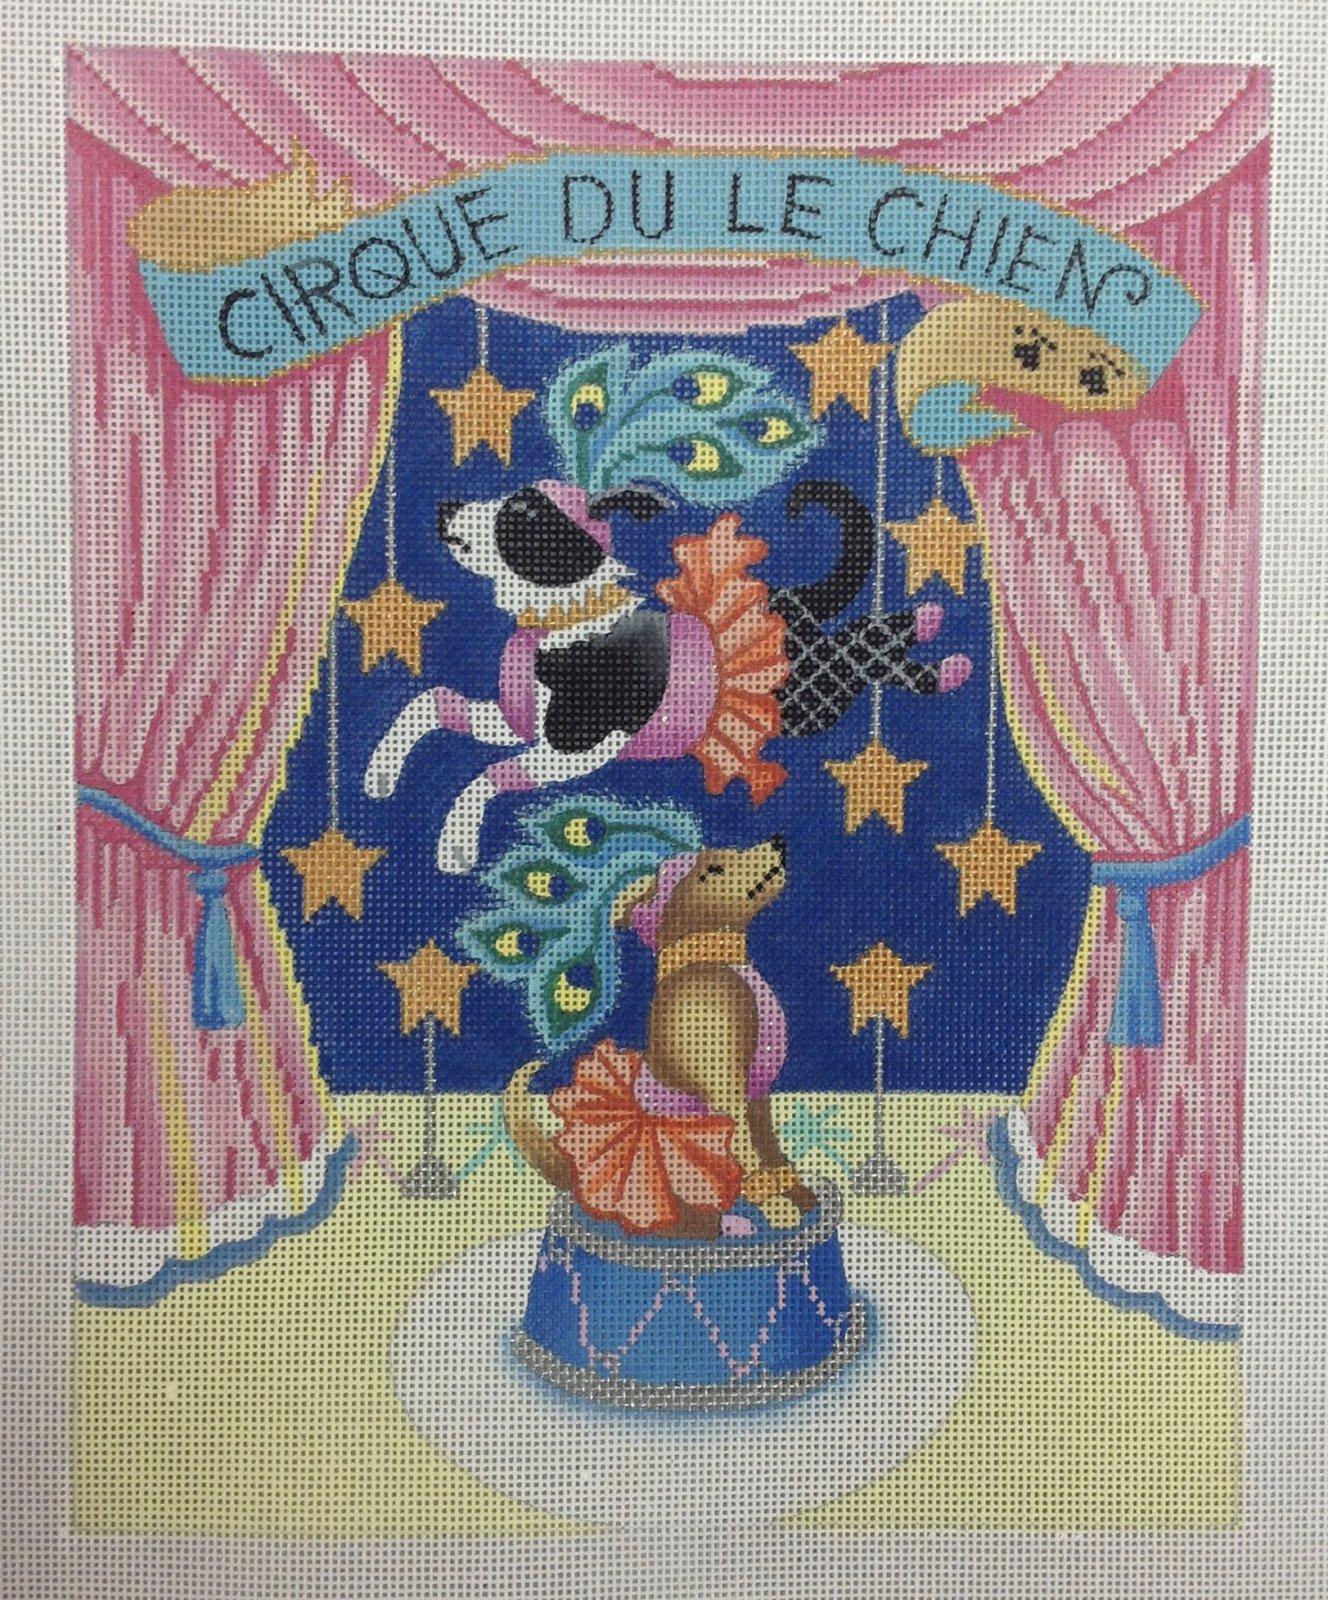 cirque du le chien*